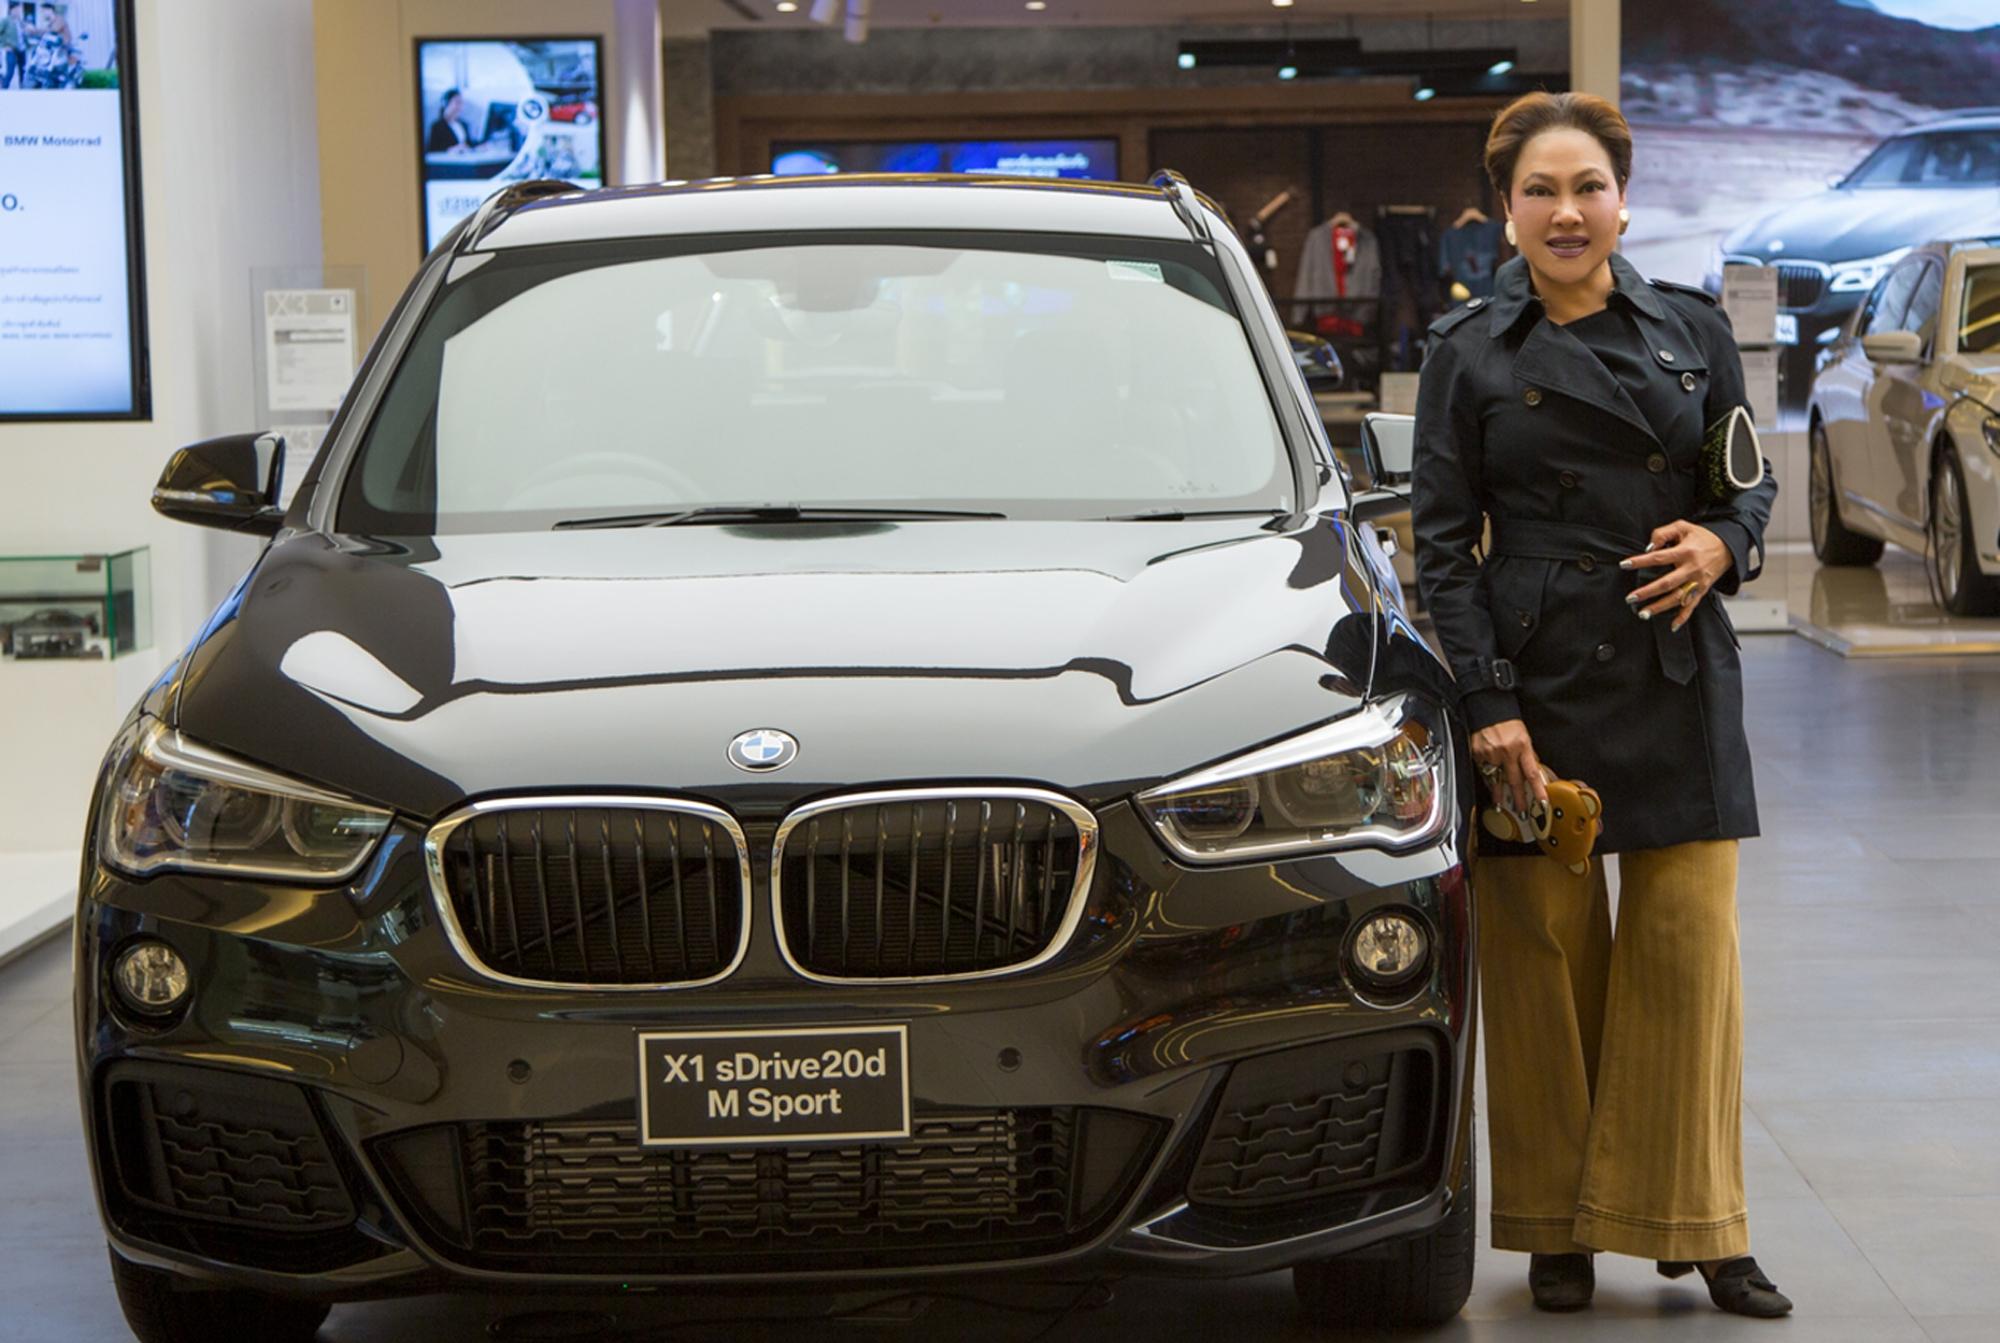 สุดยอดยนตรกรรมร่วมประชันโฉม งาน International Automobile Expo 2019 พารากอน 14 – 22 ส.ค.นี้